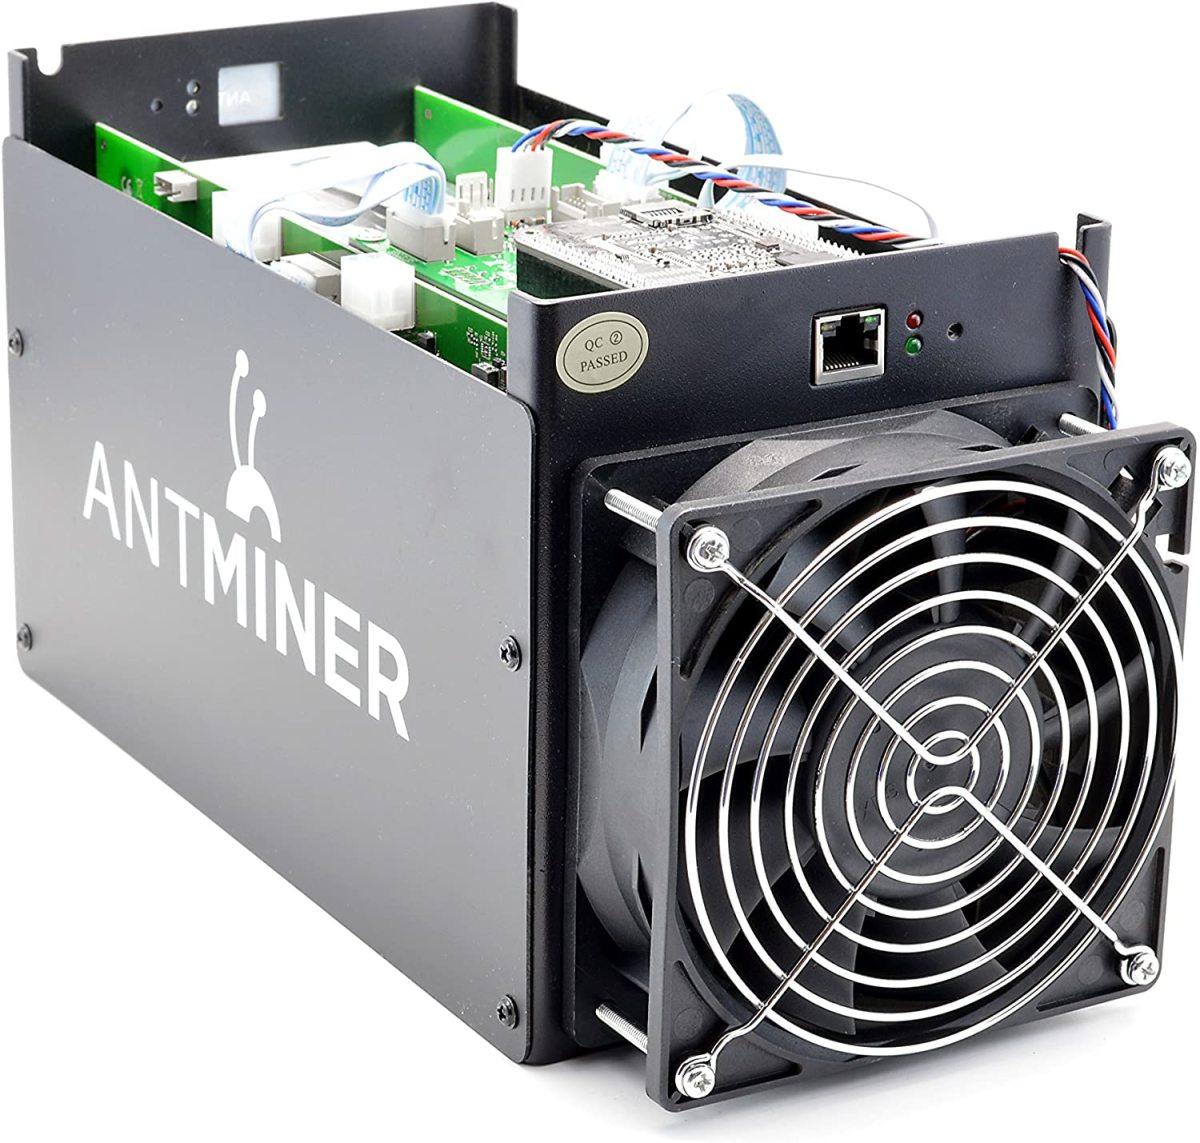 How a Bitcoin ASIC looks like